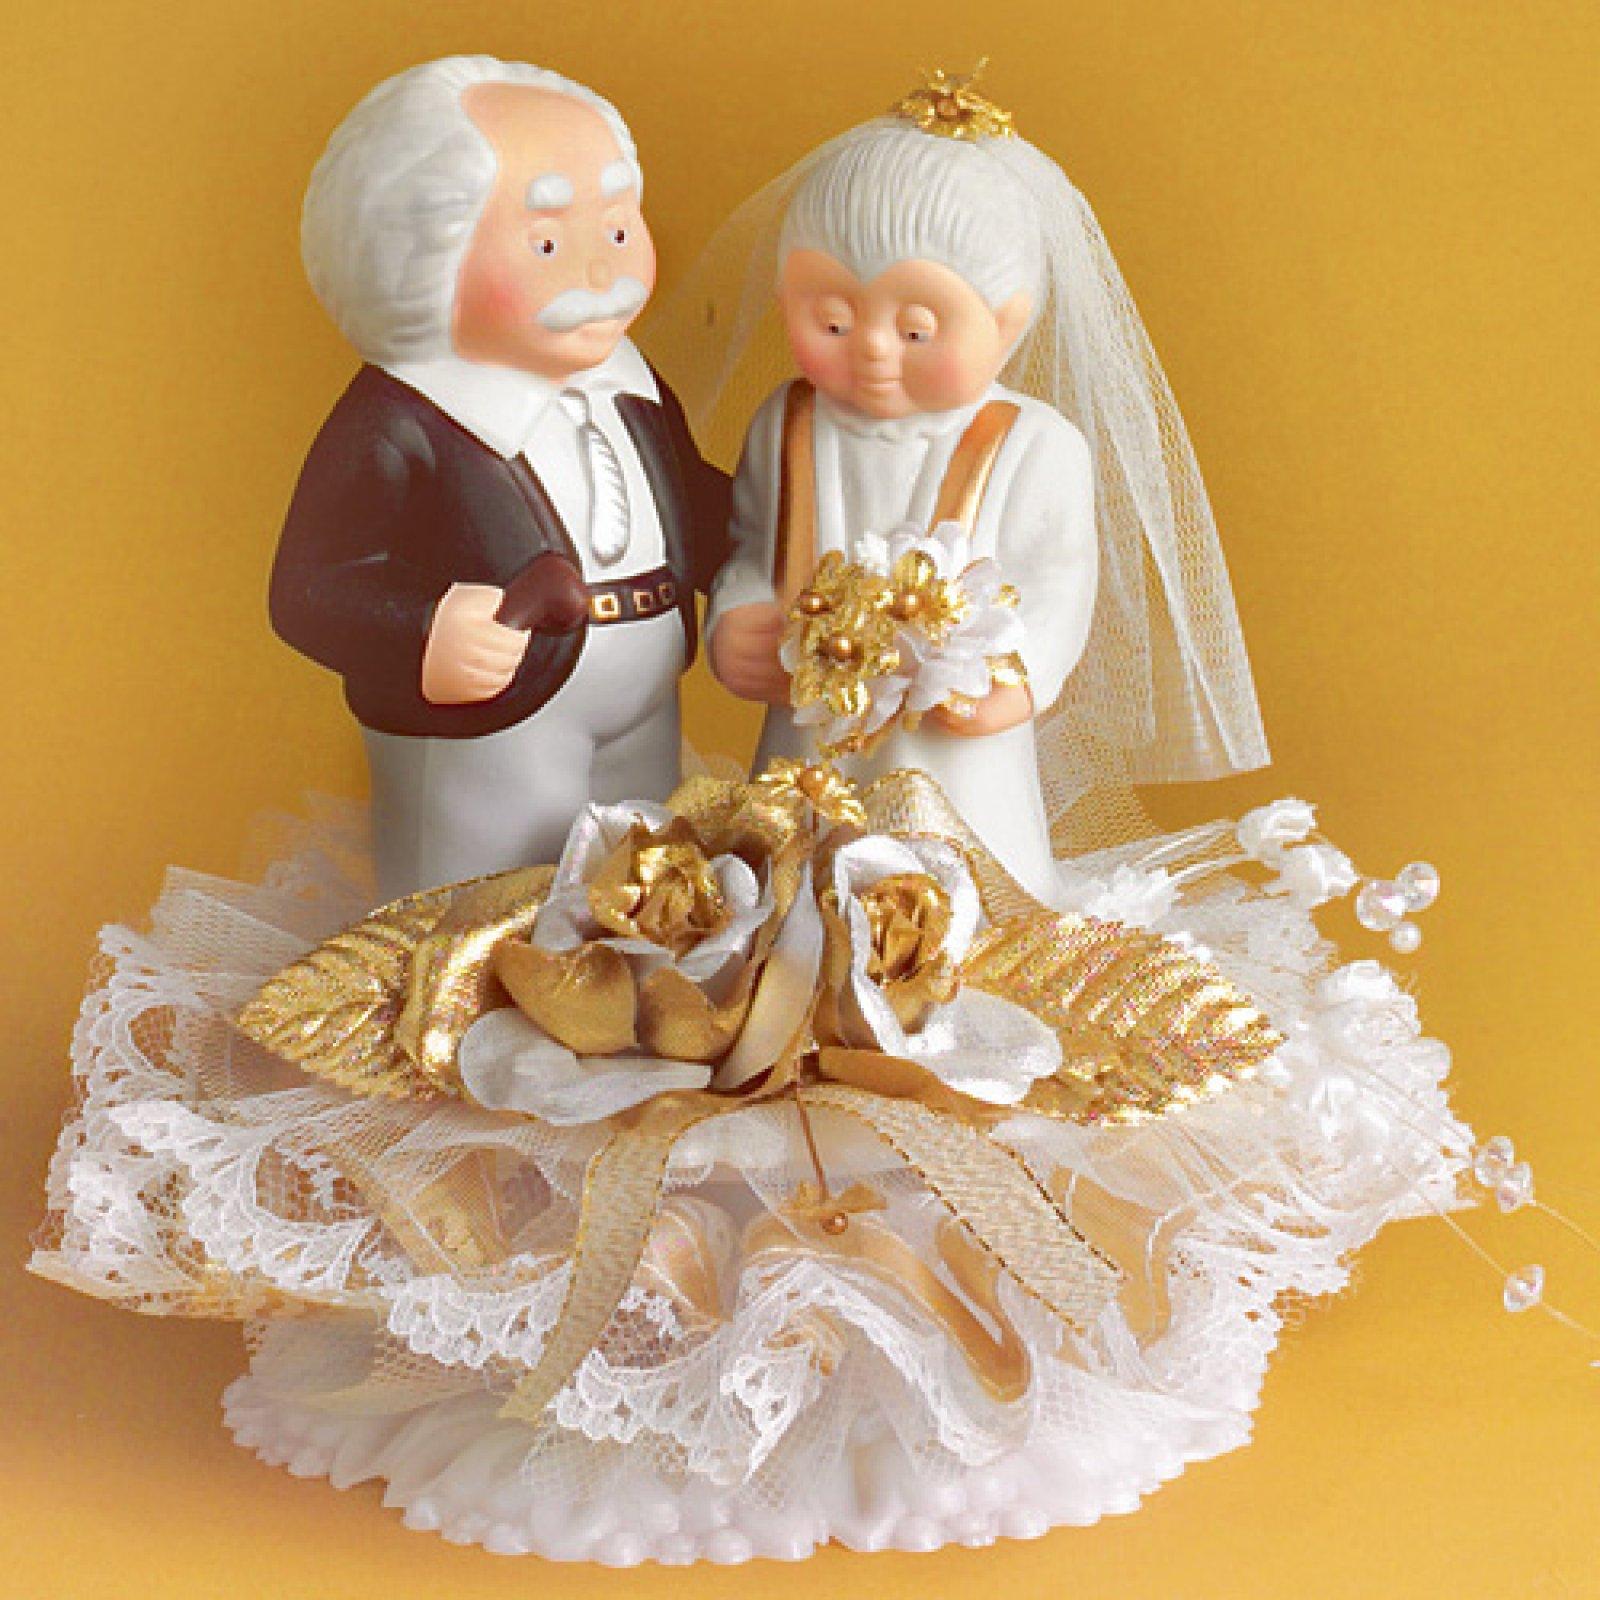 Золотой юбилей свадьбы картинки